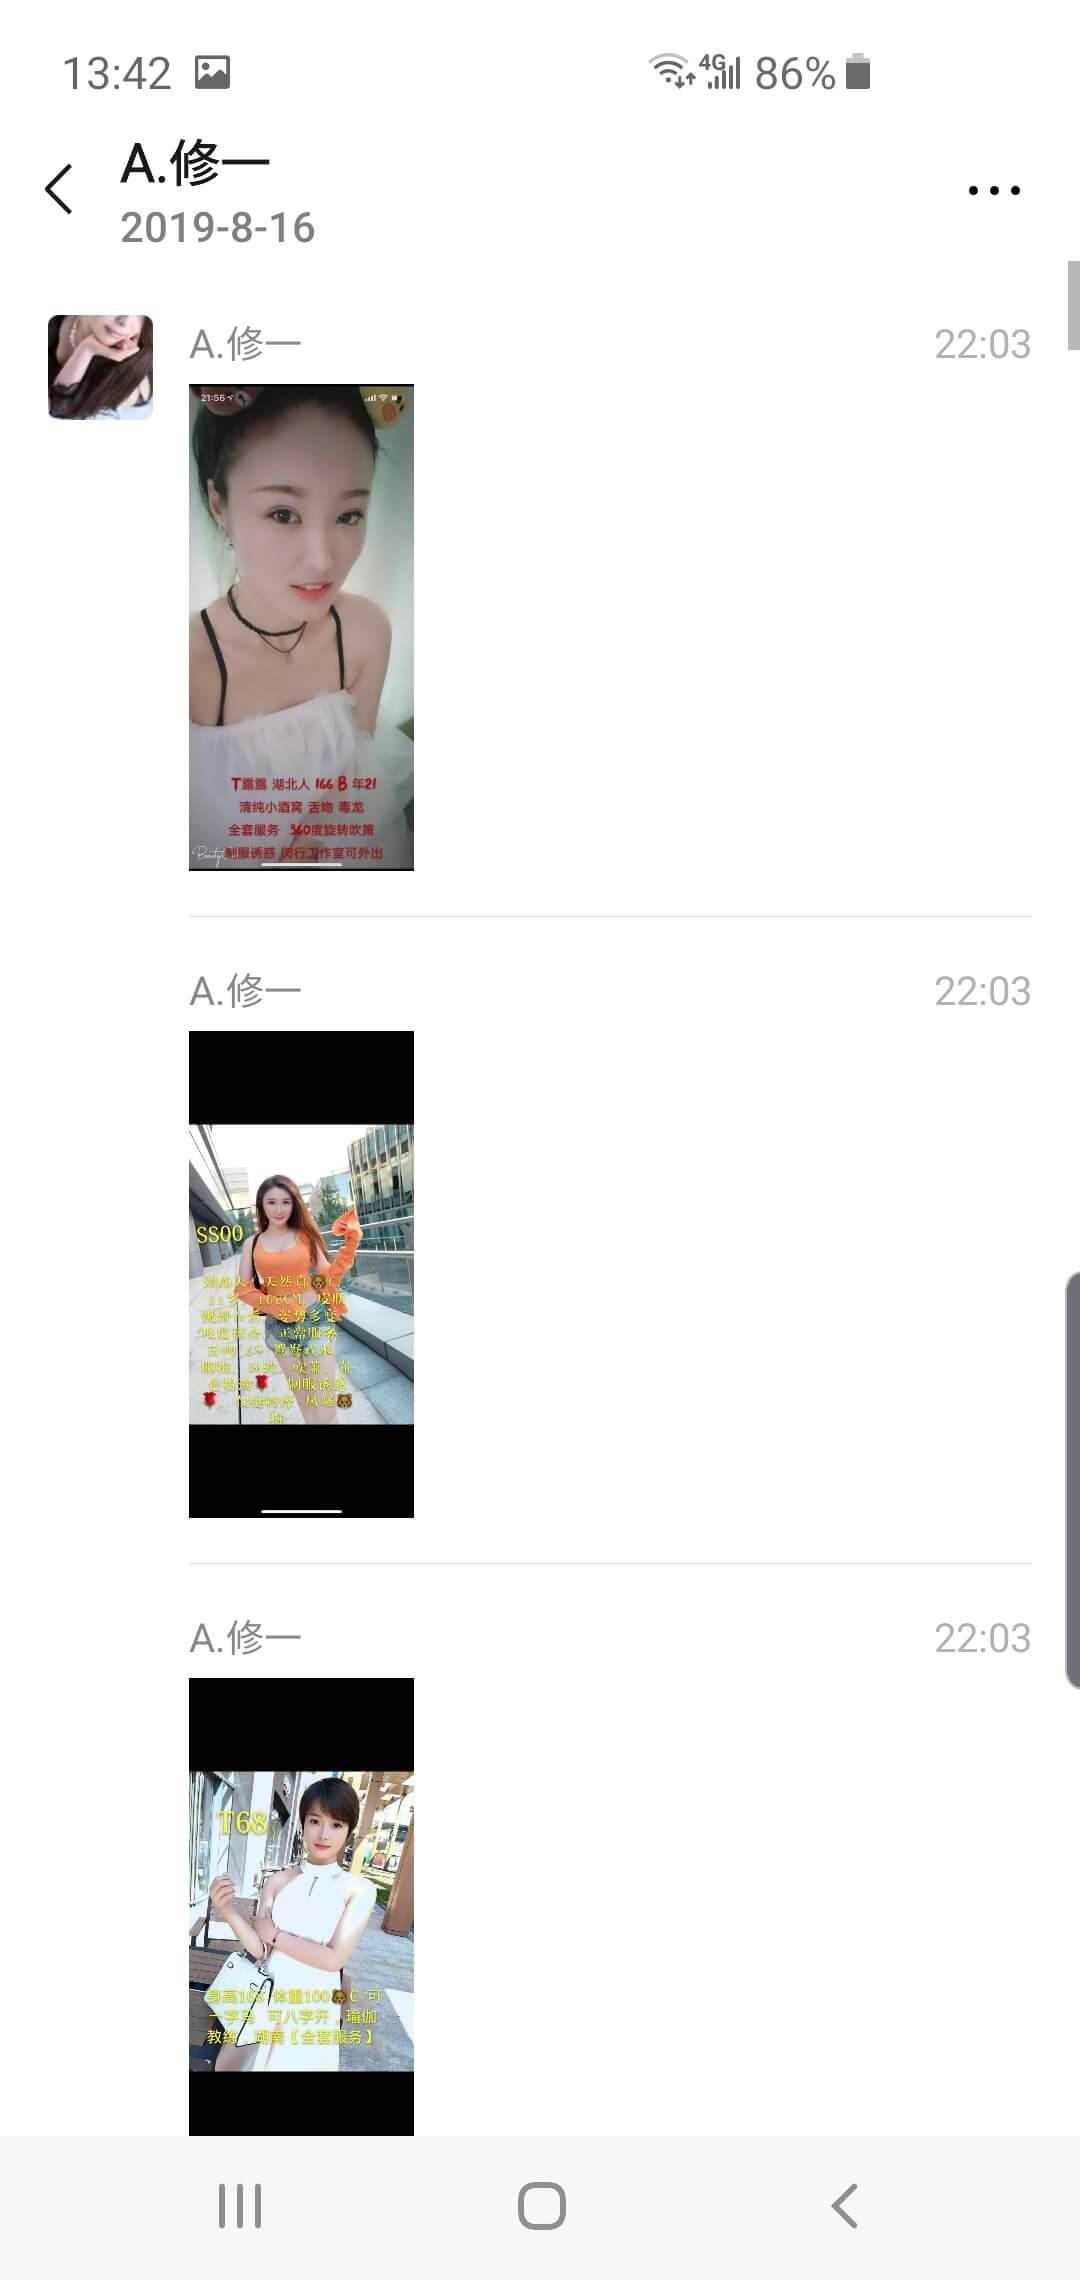 上海デリヘル一覧(完全版)2019秋 参考画像